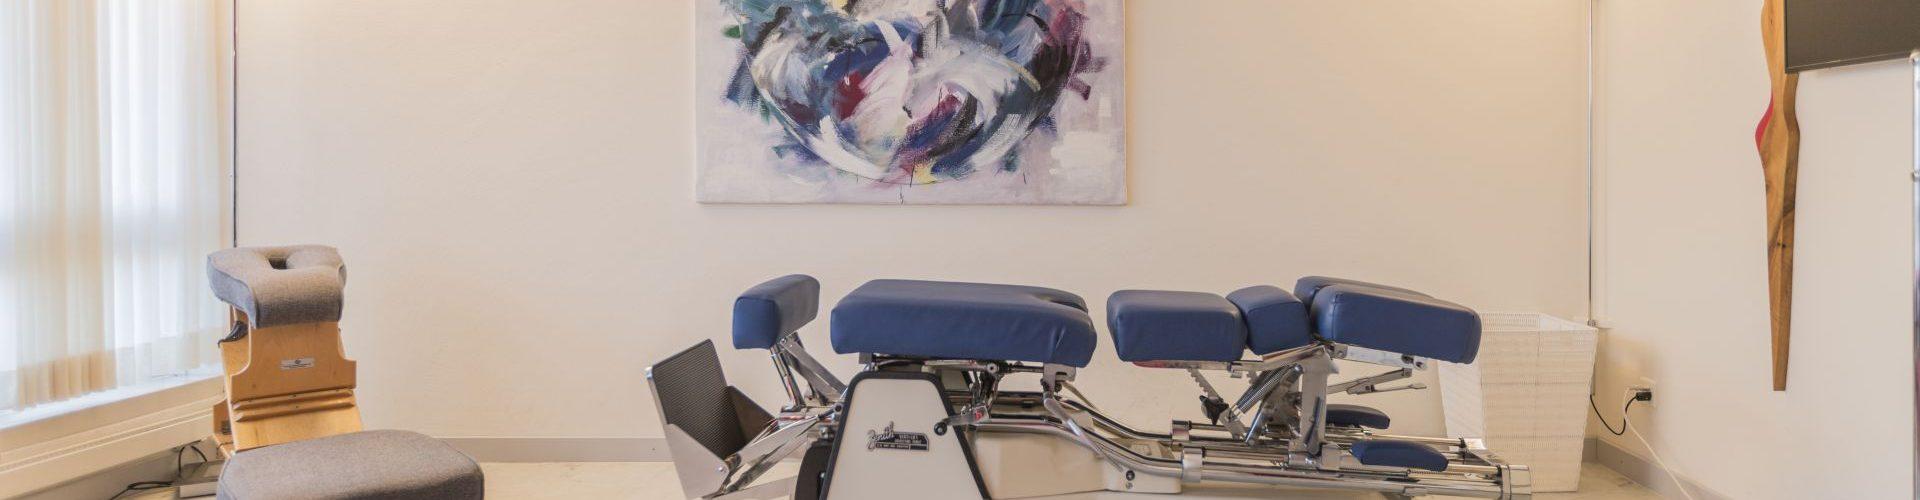 Behandlungsraum Chiropraktik